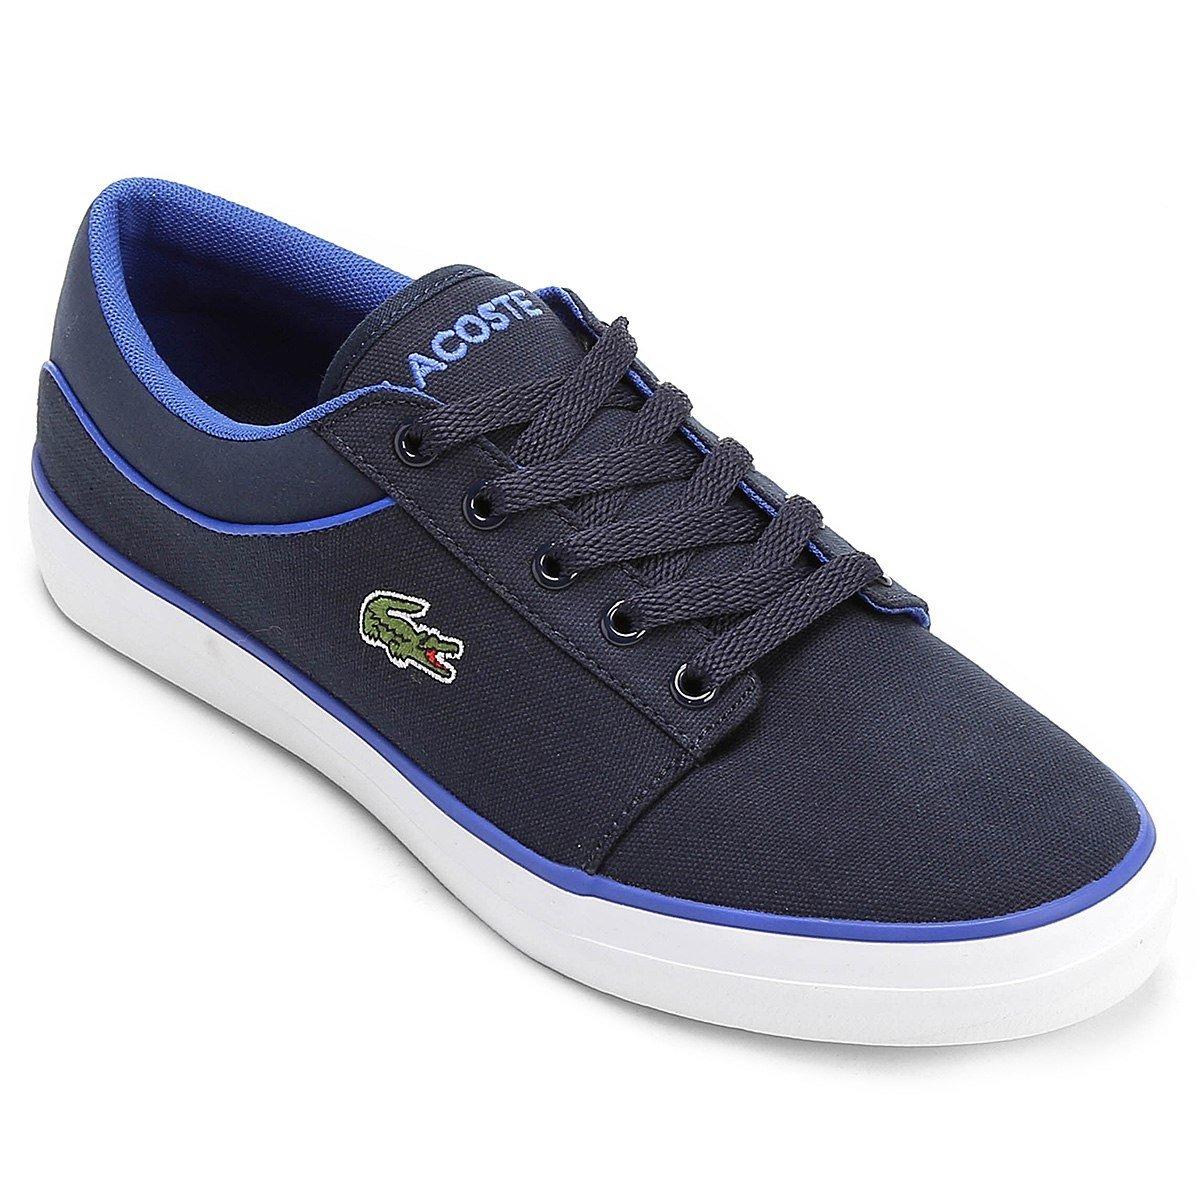 30a7e7d1bb1 tênis lacoste 32spm2389 masculino azul branco original. Carregando zoom.